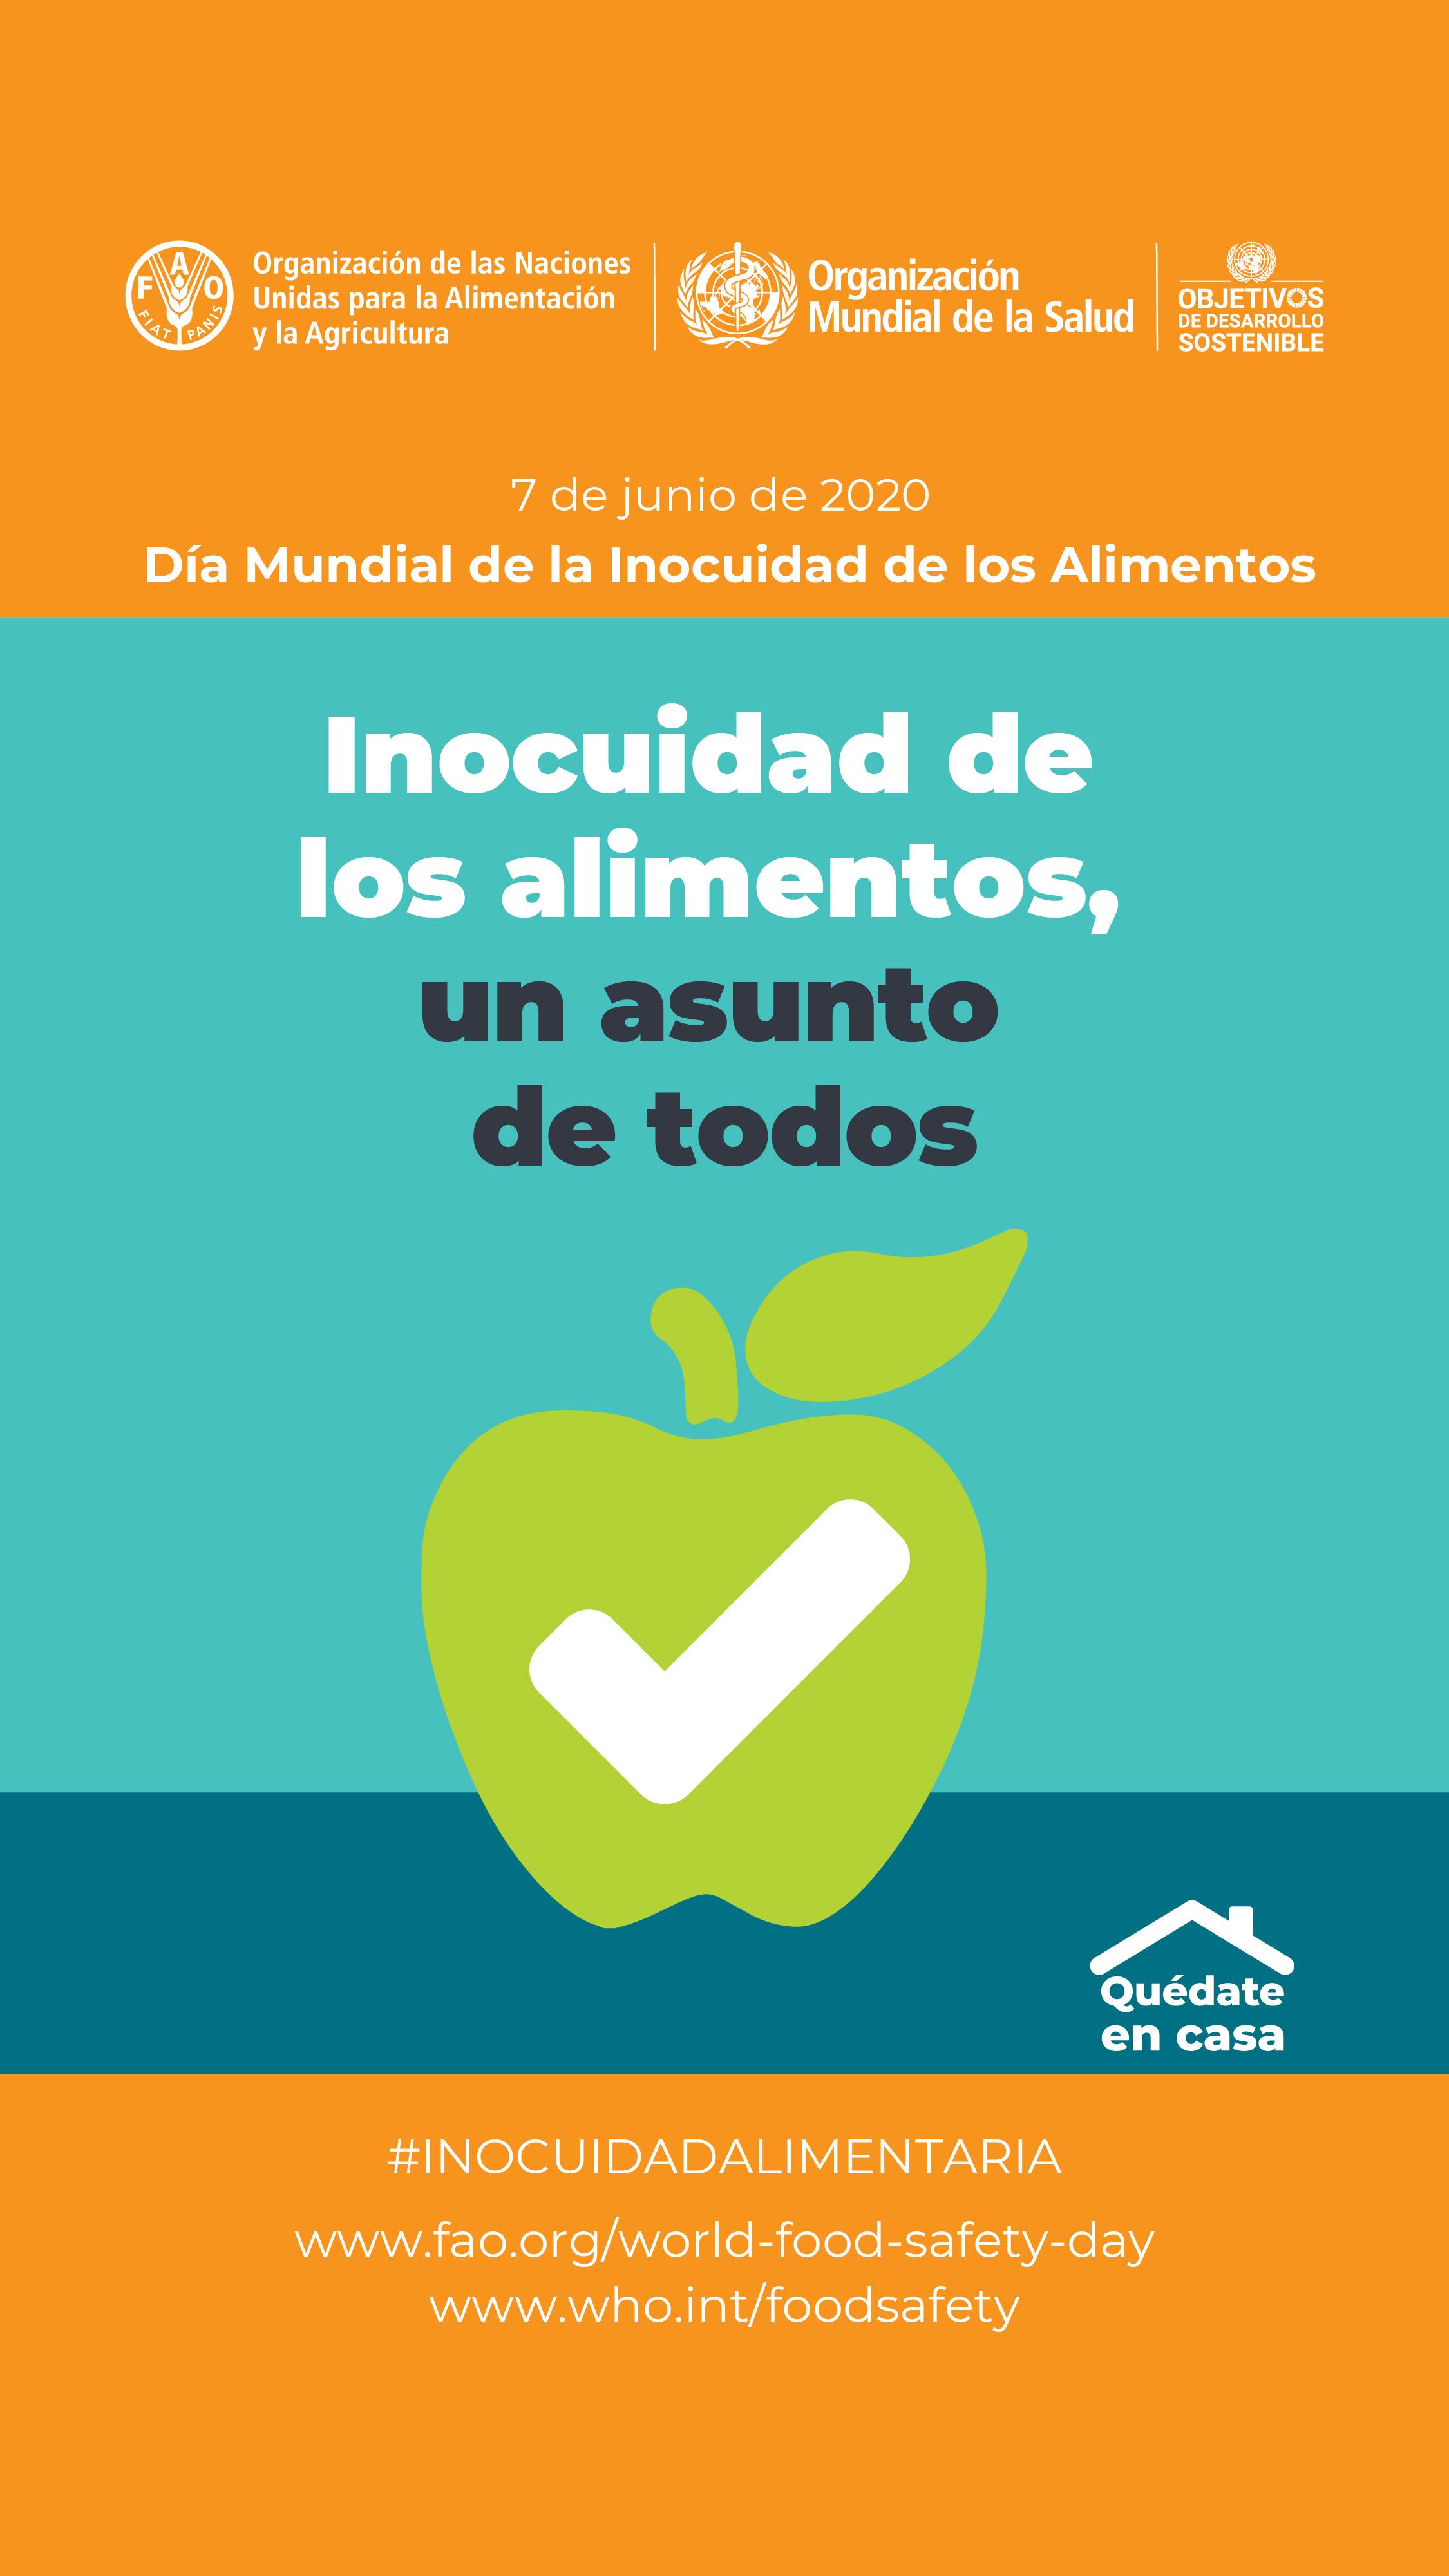 Dia Mundial De La Inocuidad De Los Alimentos Secretaria De Salud Gobierno Gob Mx